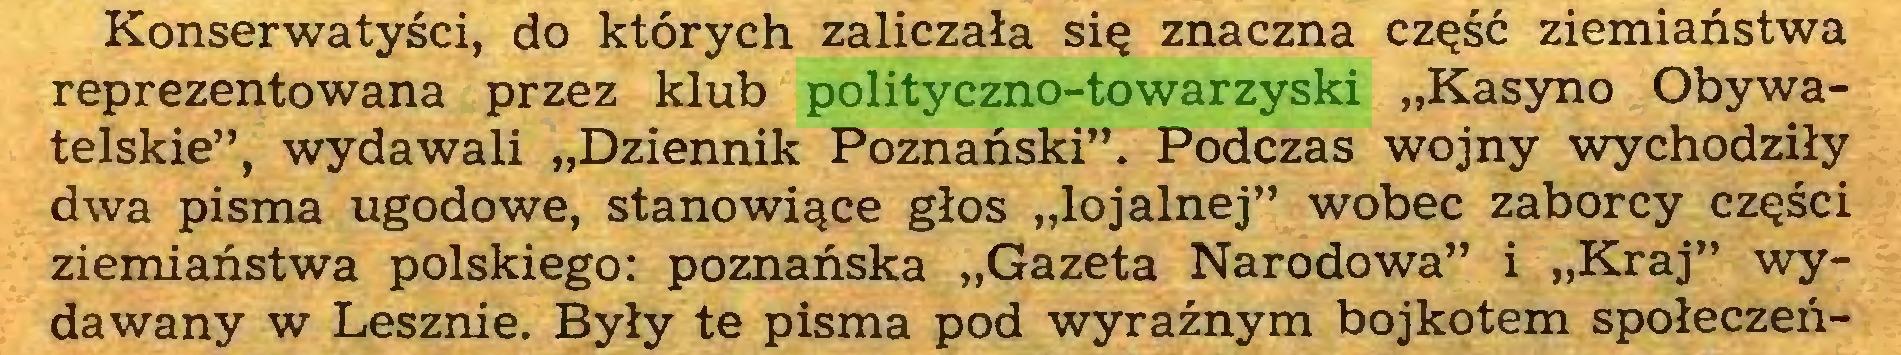 """(...) Konserwatyści, do których zaliczała się znaczna część ziemiaństwa reprezentowana przez klub polityczno-towarzyski """"Kasyno Obywatelskie"""", wydawali """"Dziennik Poznański"""". Podczas wojny wychodziły dwa pisma ugodowe, stanowiące głos """"lojalnej"""" wobec zaborcy części ziemiaństwa polskiego: poznańska """"Gazeta Narodowa"""" i """"Kraj"""" wydawany w Lesznie. Były te pisma pod wyraźnym bojkotem społeczeń..."""